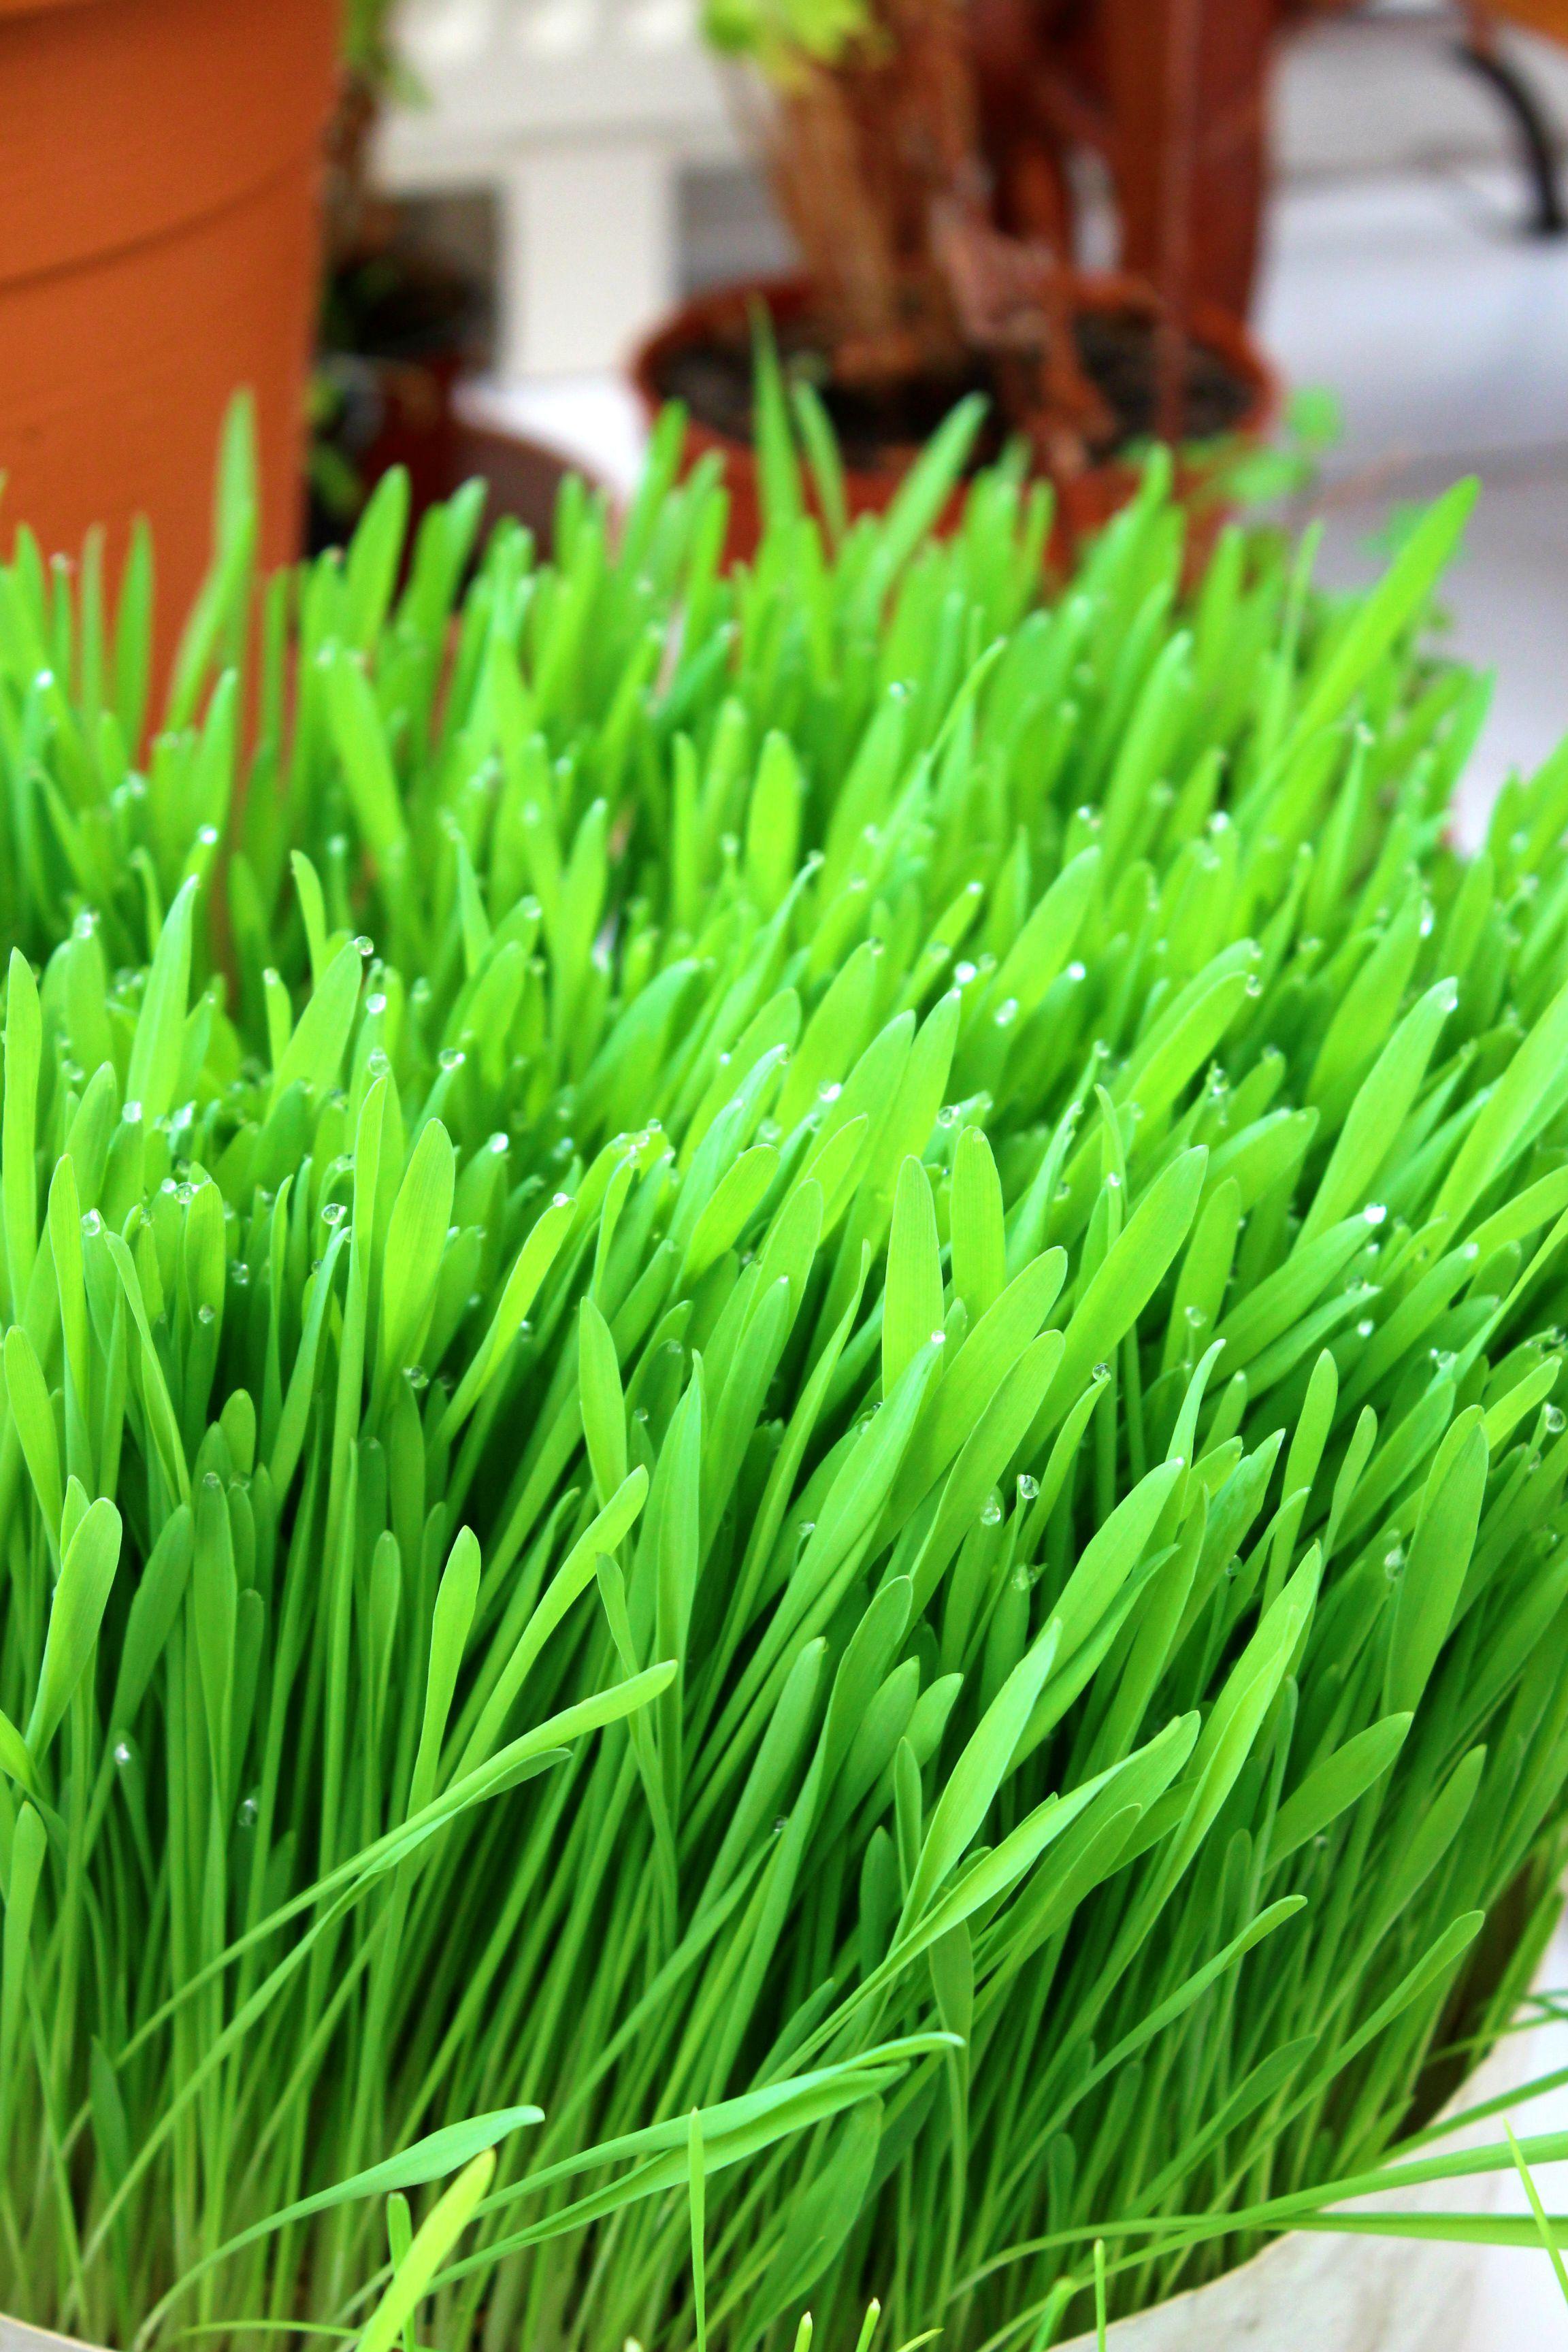 Les incroyables vertus de la chlorophylle | Salade de